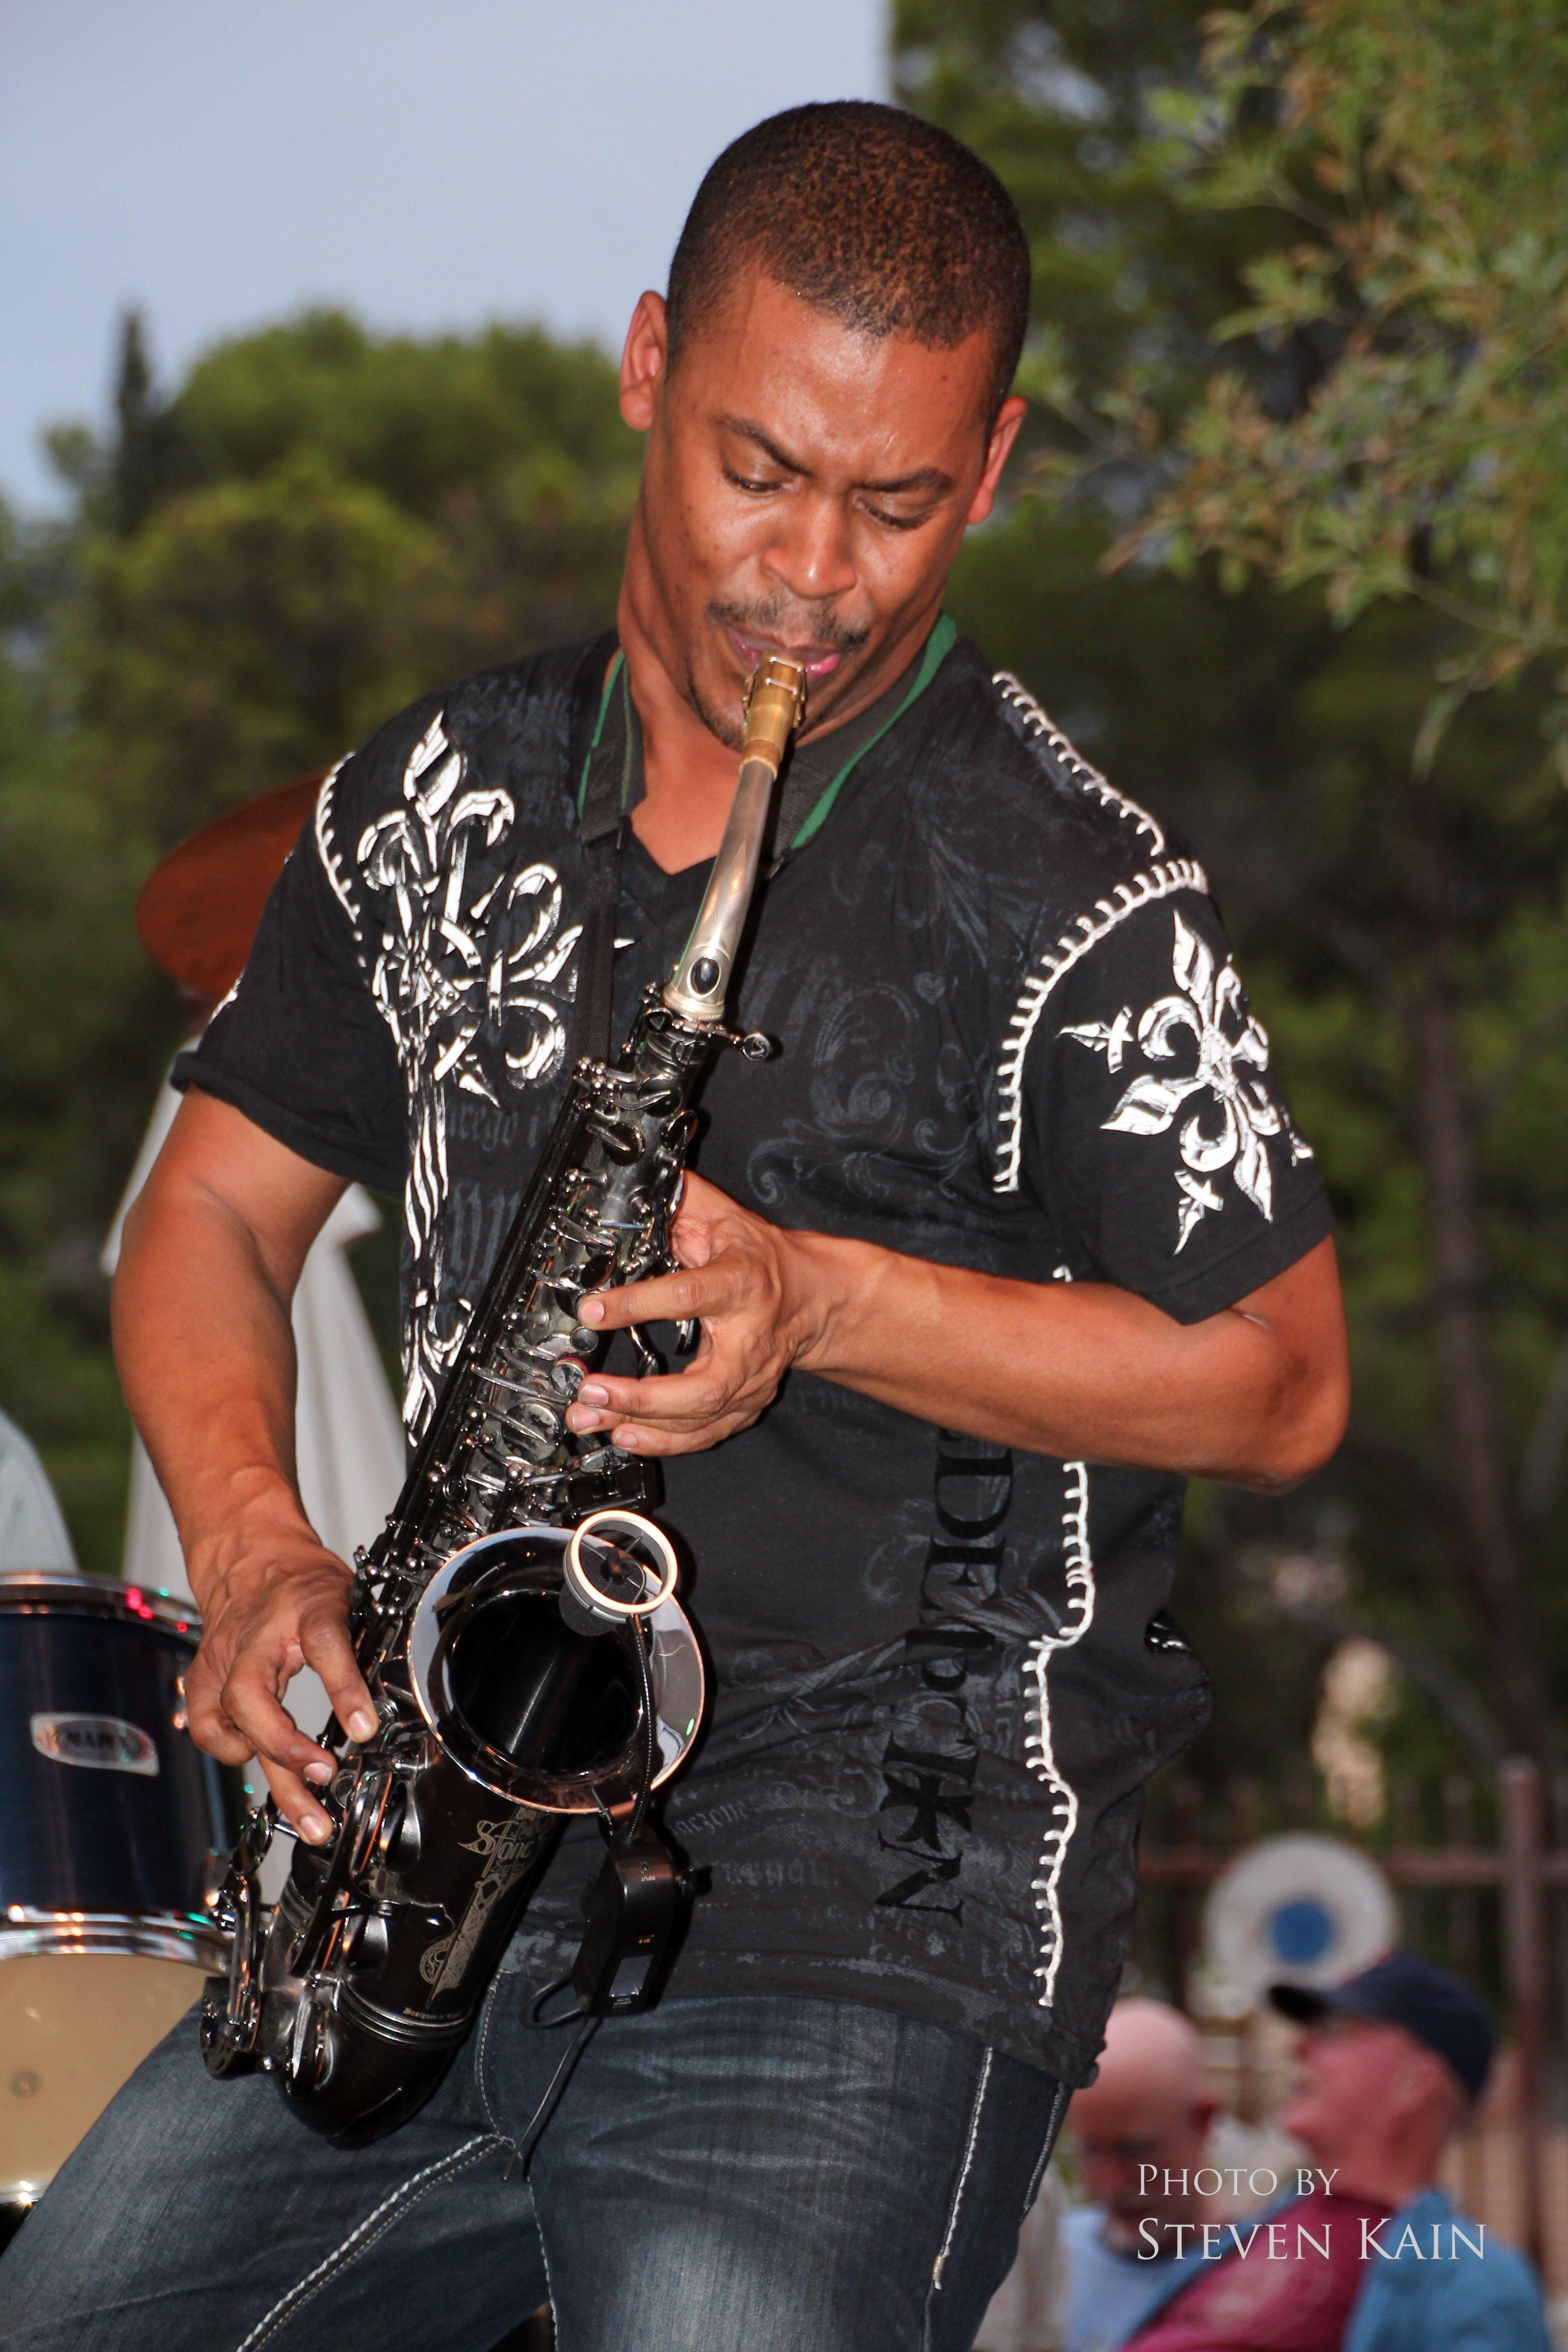 Neaman Lyles Jazz Musician Jazz musicians, Lyles, Musician